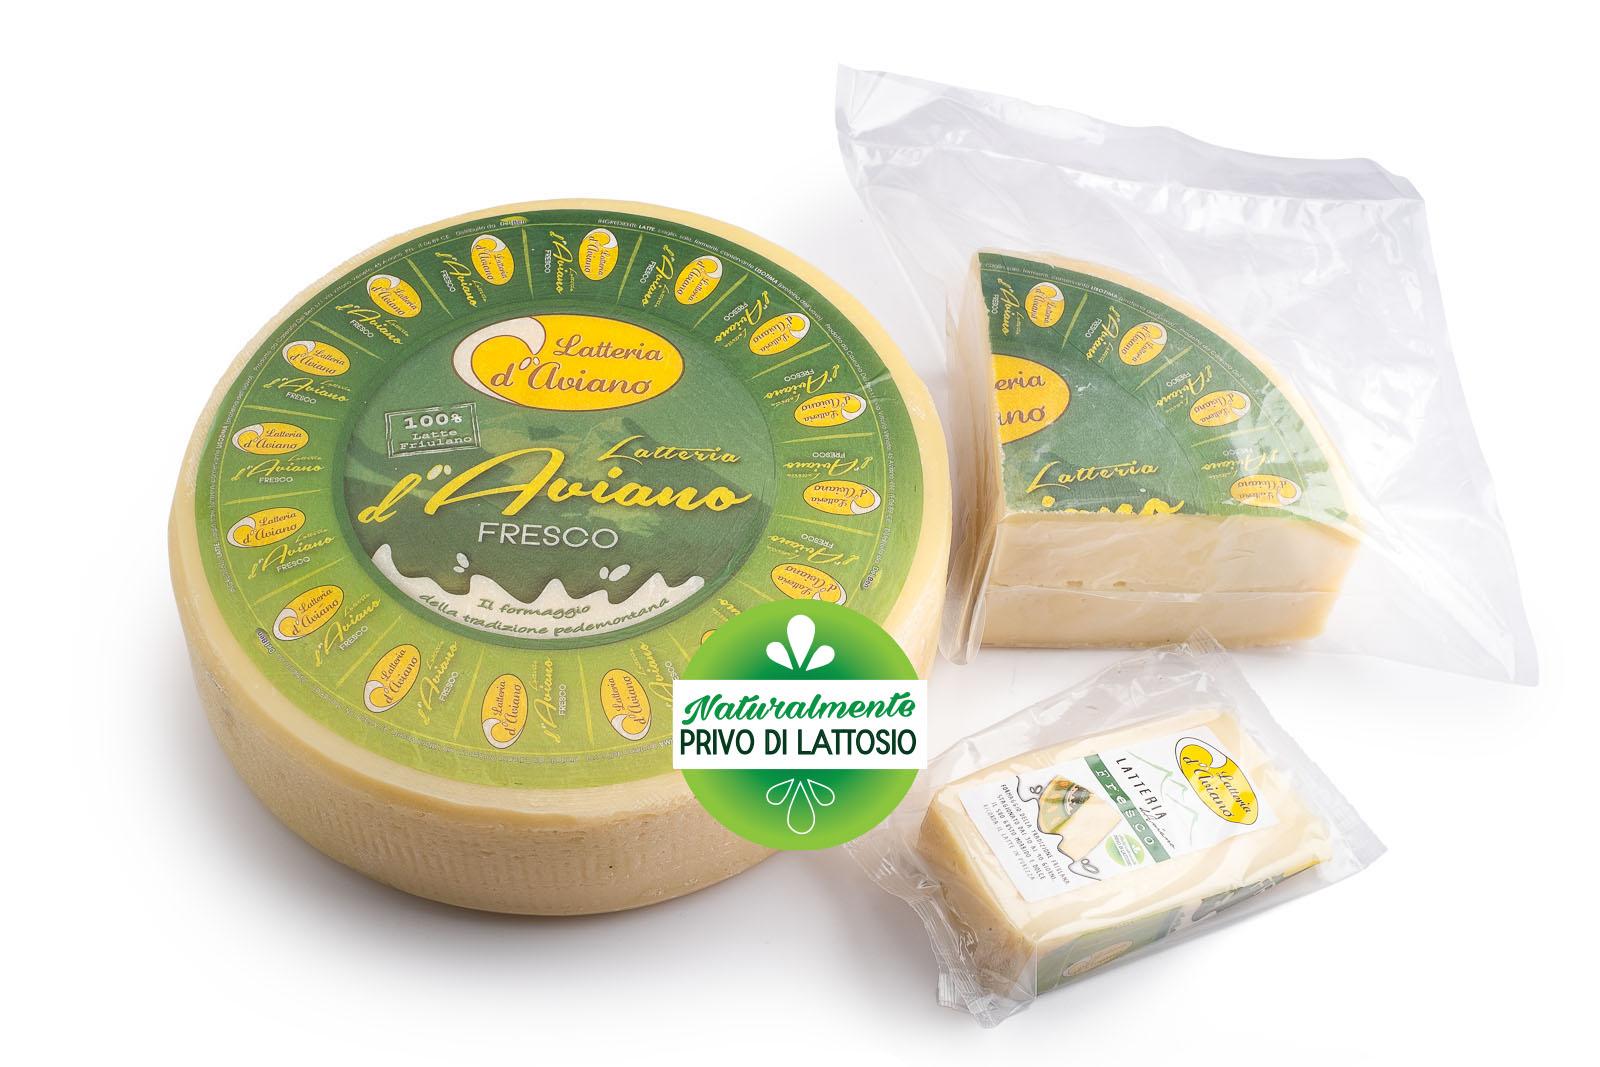 Formaggio - senza lattosio - latteria d'Aviano fresco - Del Ben formaggi